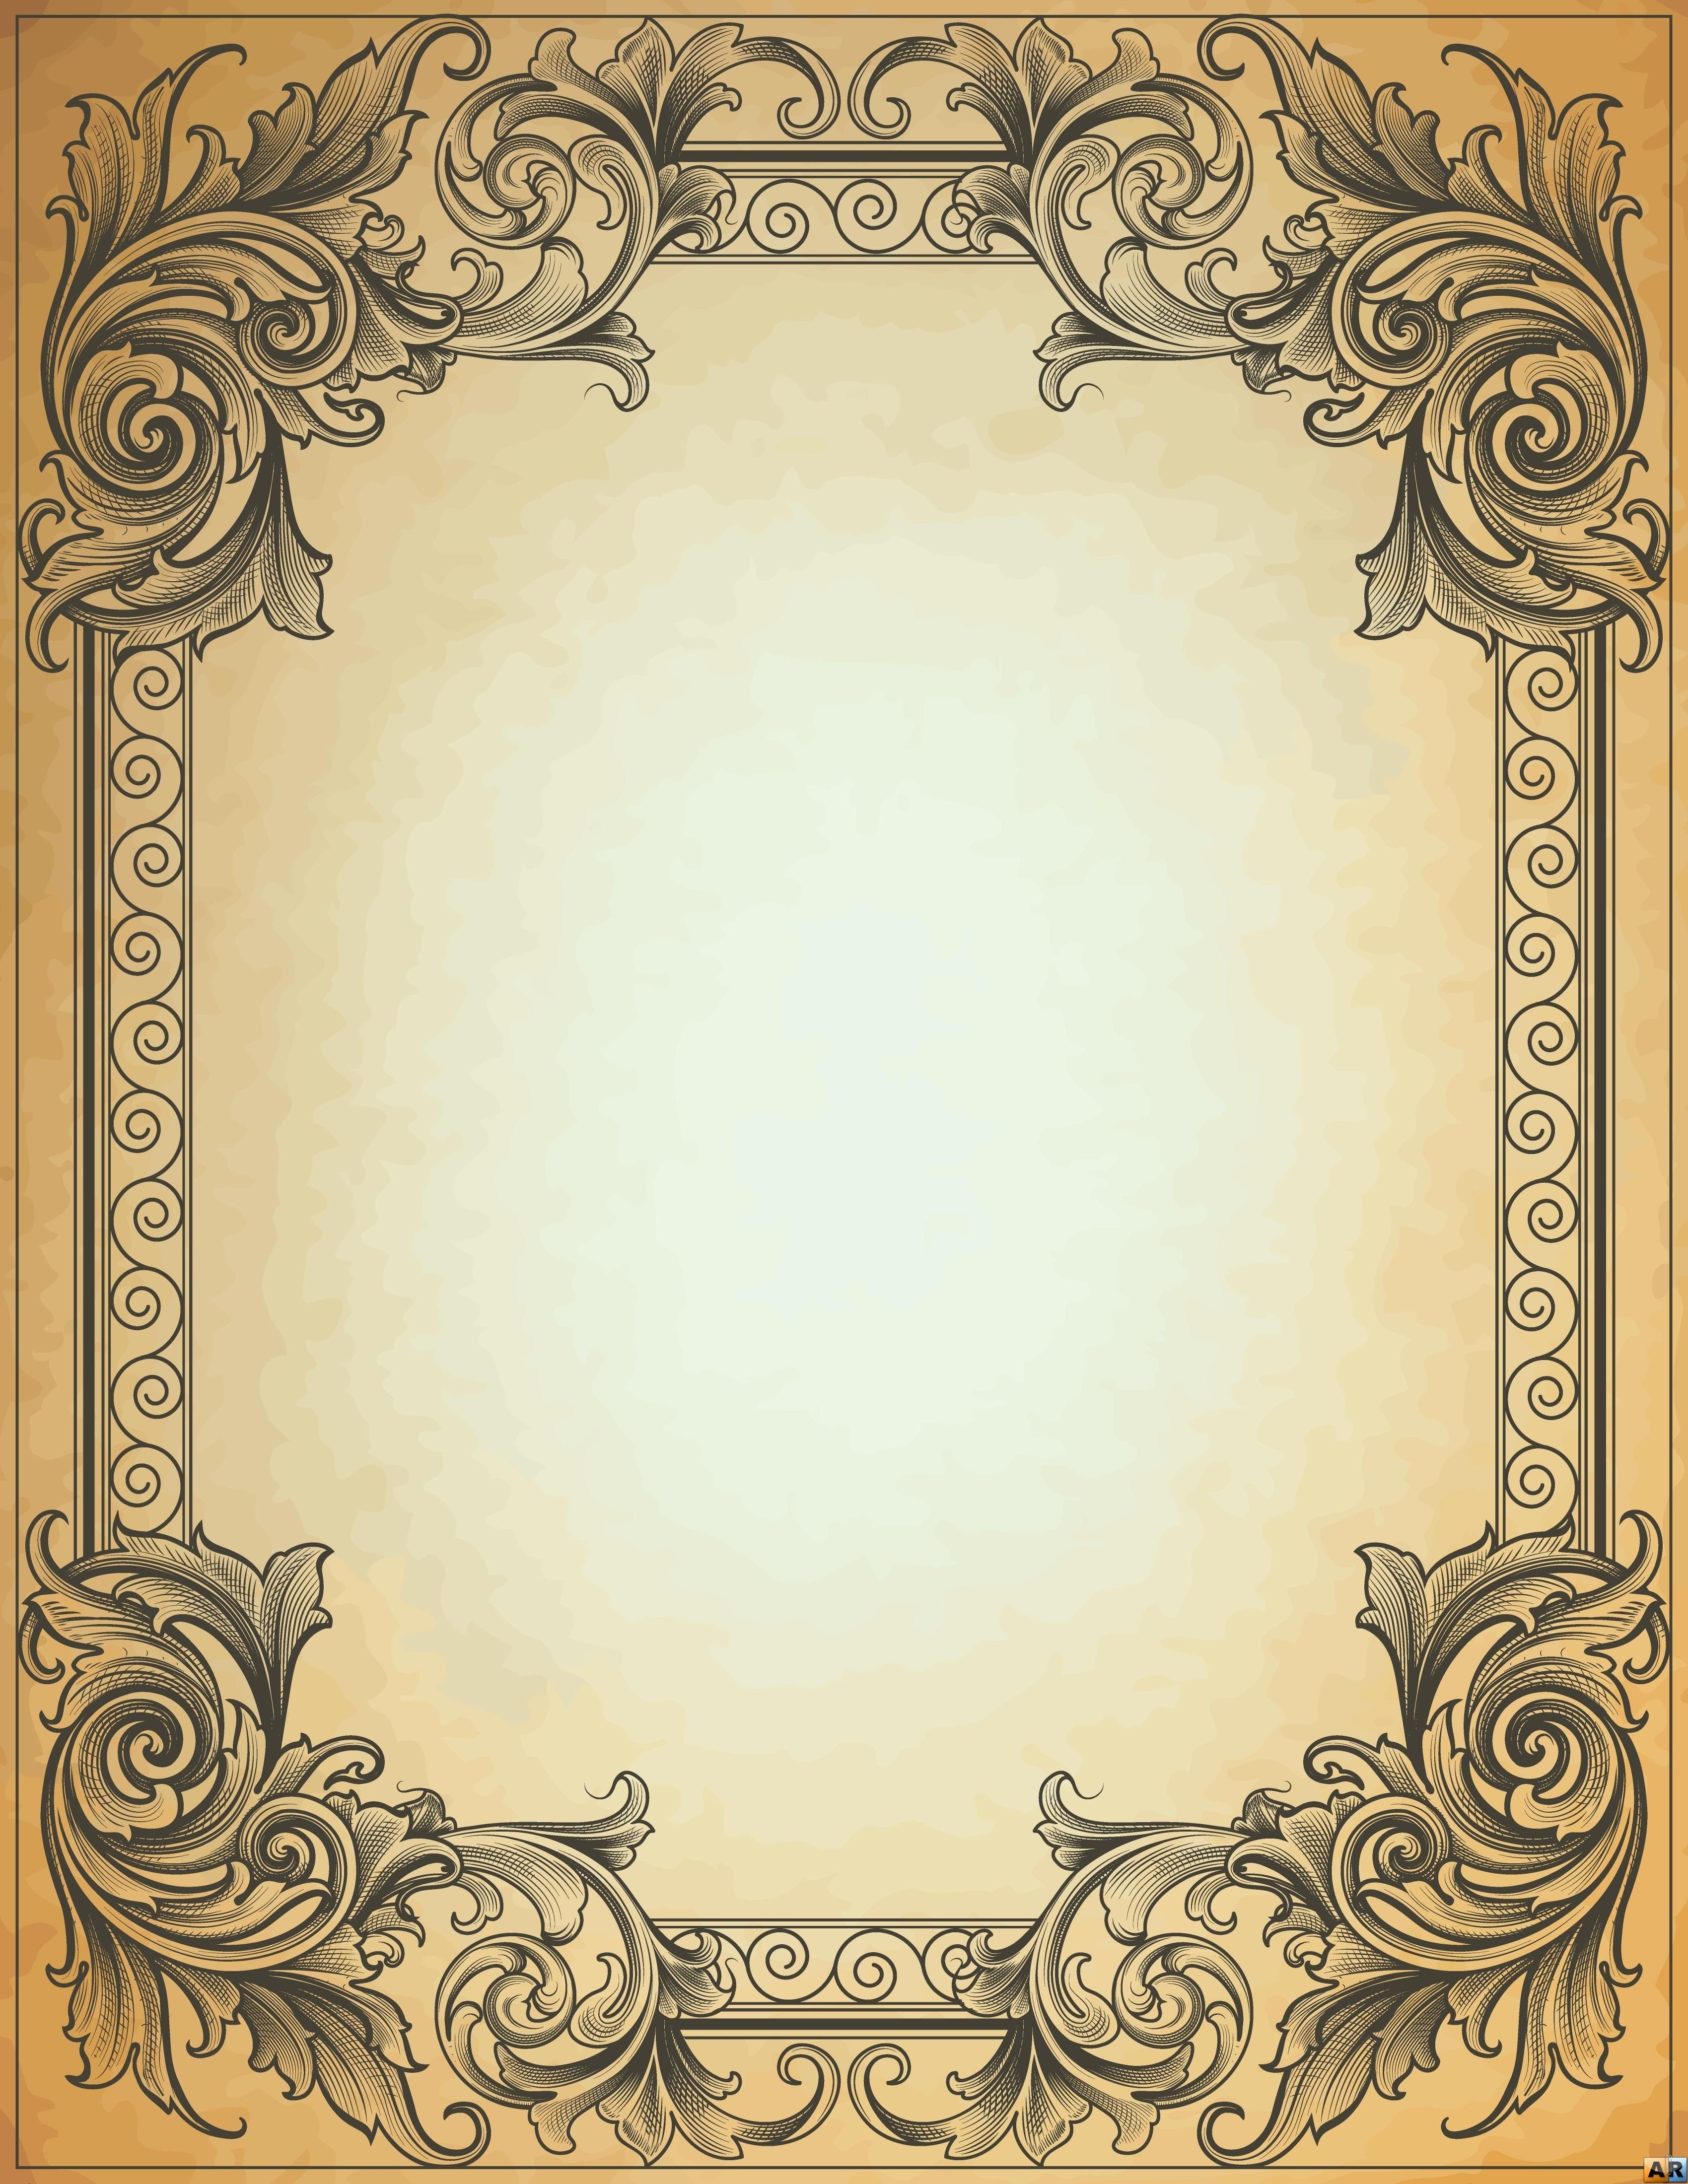 салонах оформление титульного листа меню картинки оттенок защитит прямых